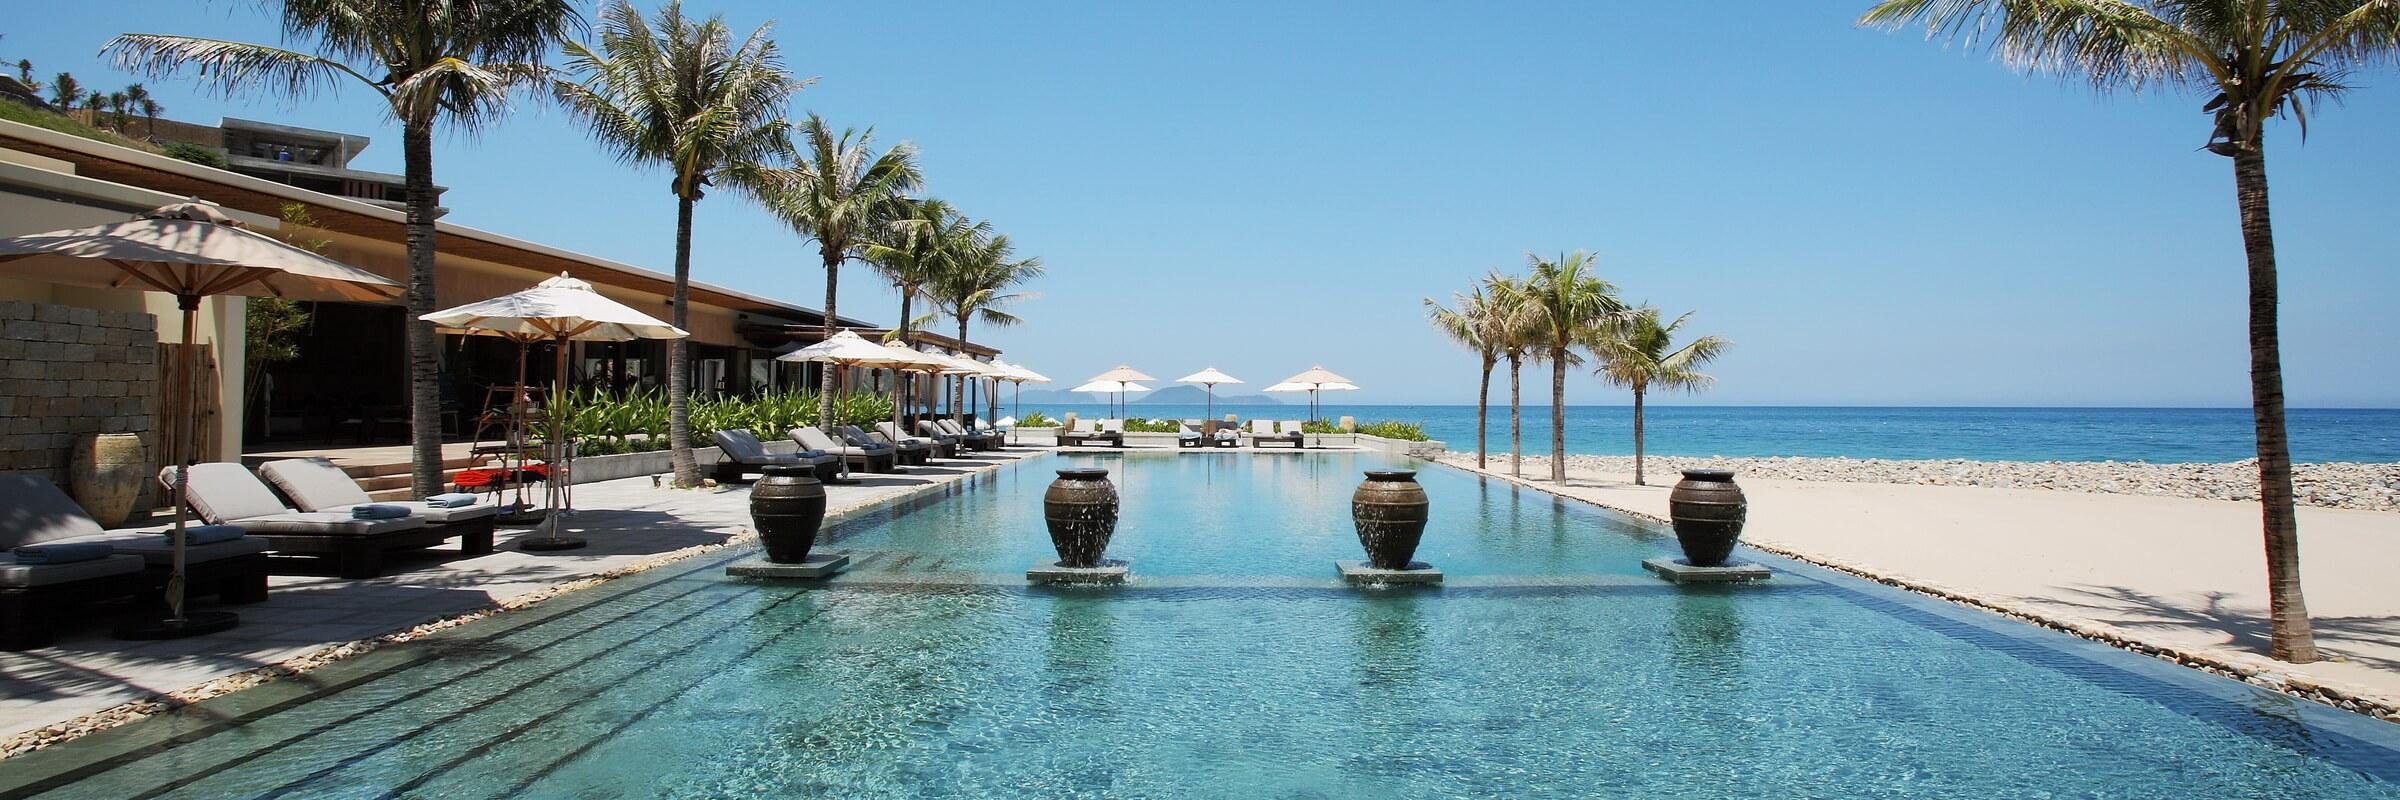 Der große Swimmingpool im Mia Resort Nha Trang befindet sich in Strandhähe und ist allen Gästen zugänglich.